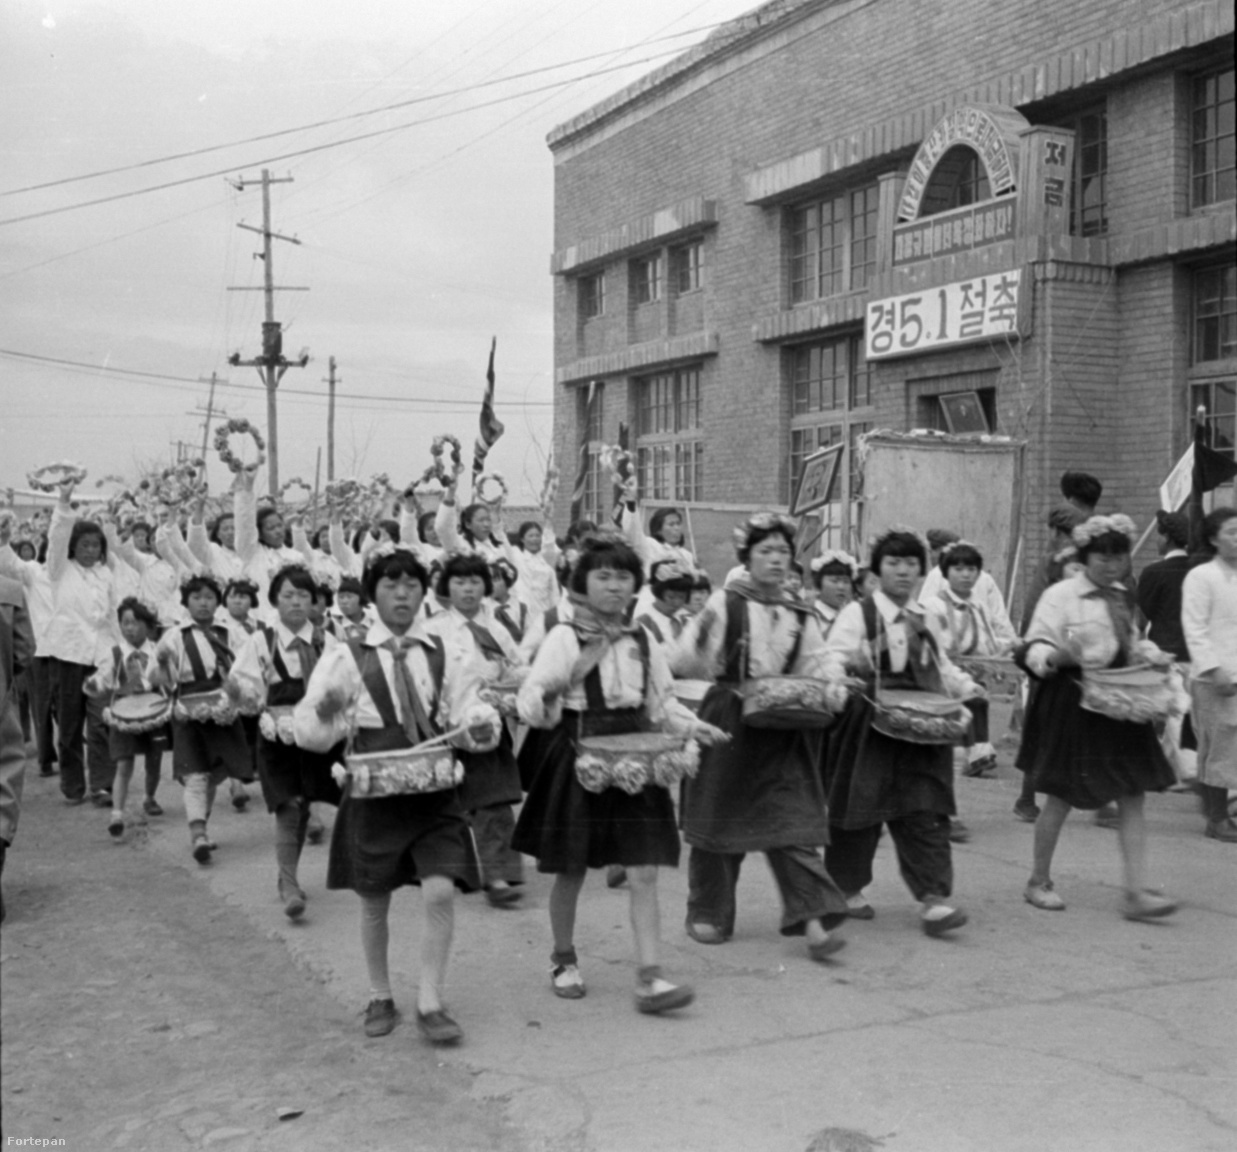 Észak-koreai úttörőlányok felvonulása, mögöttük középiskolás korú lányok lengetnek koszorúkat.